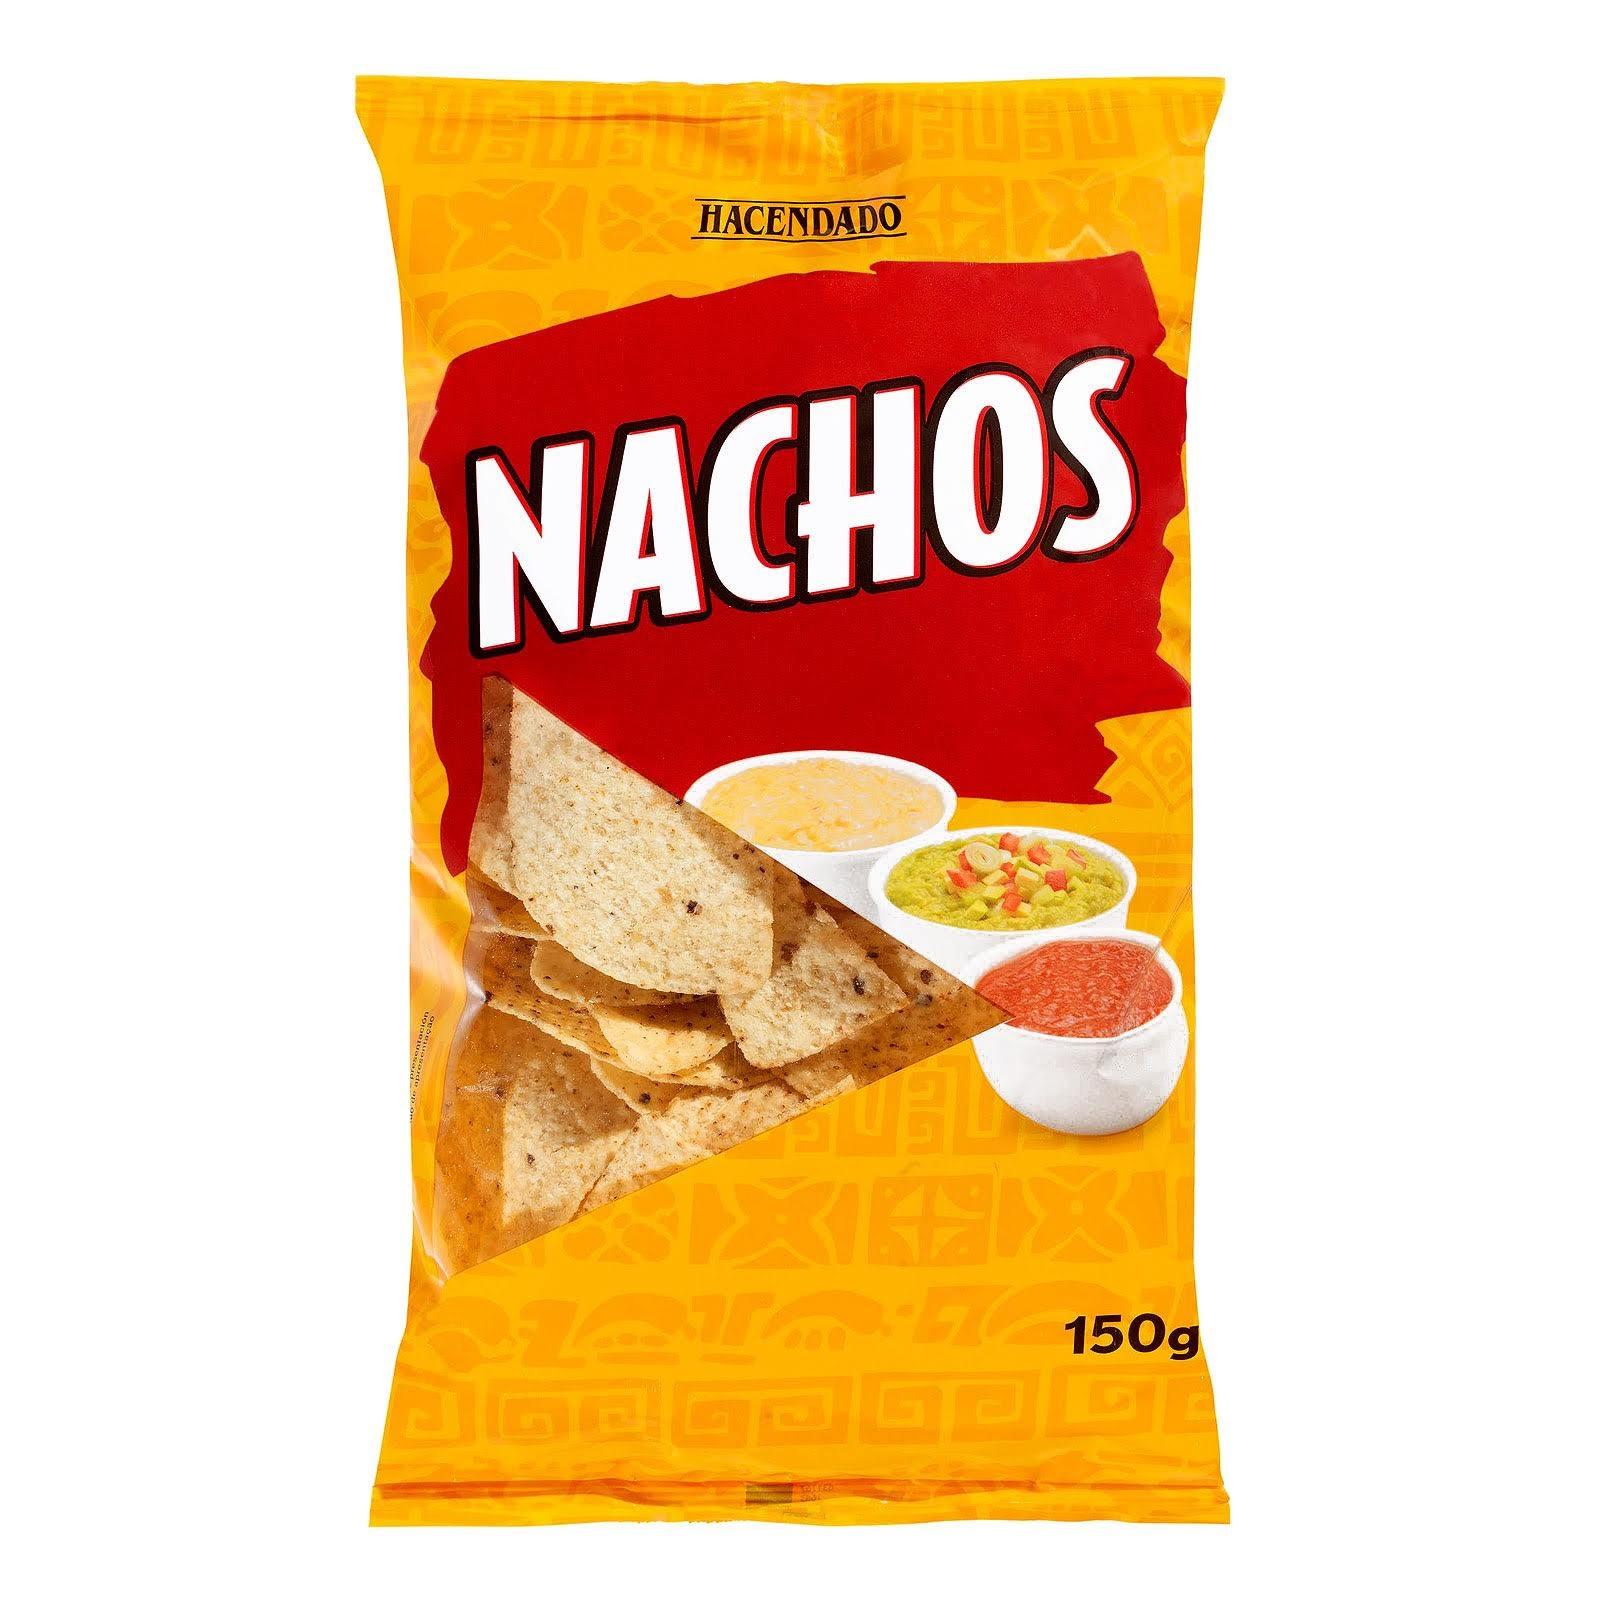 nachos-de-maiz-hacendado-mercadona-1